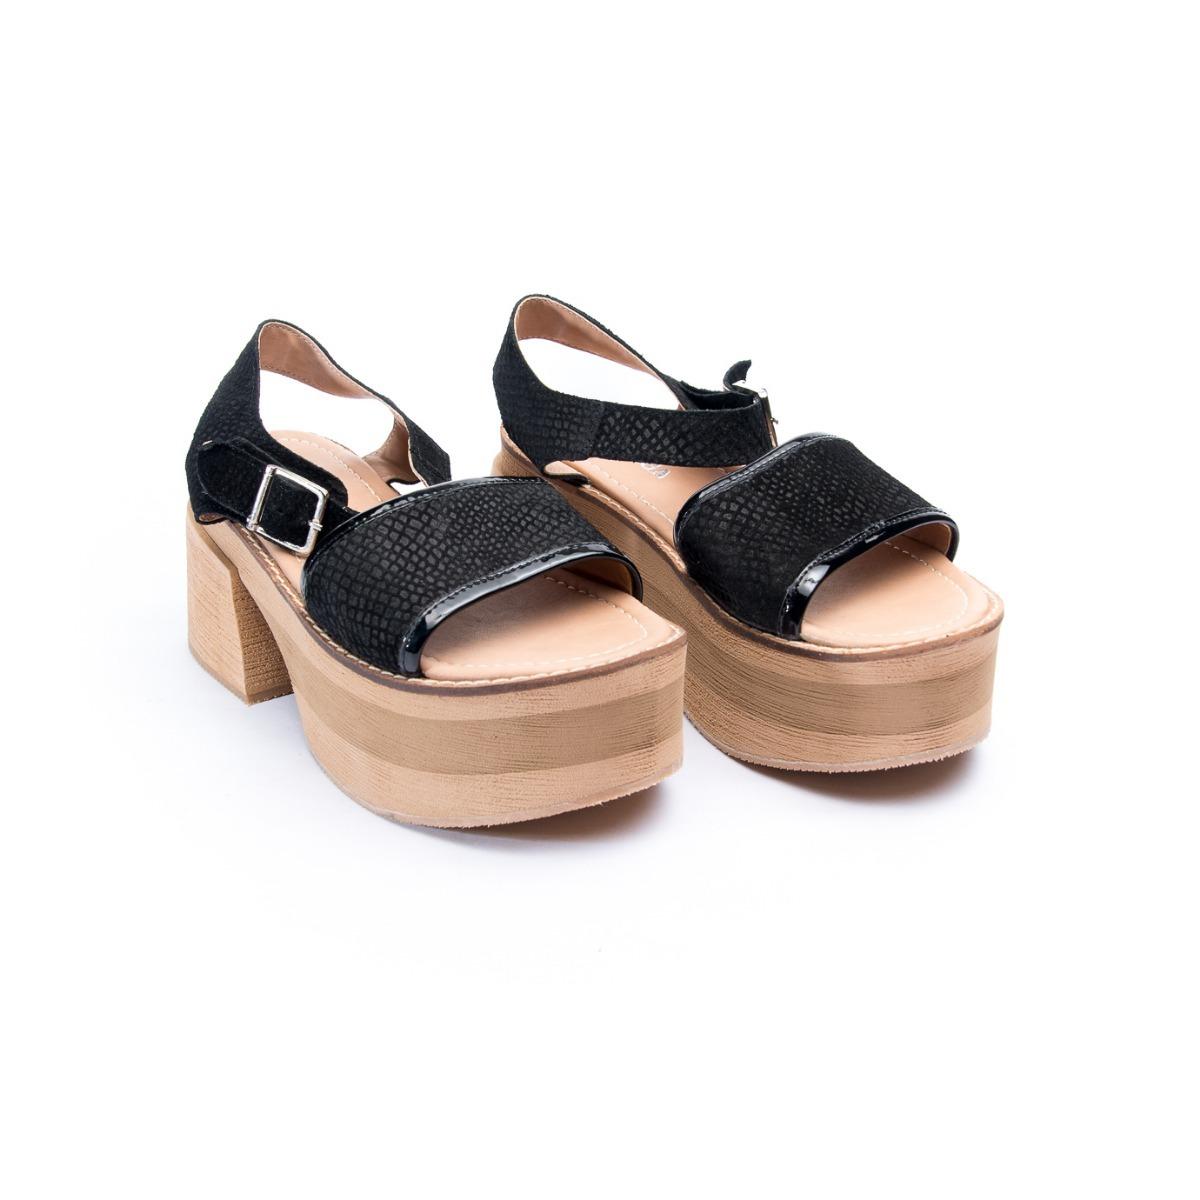 c3e2bf924e Sandalia Moda Mujer Via Praga - $ 1.294,00 en Mercado Libre